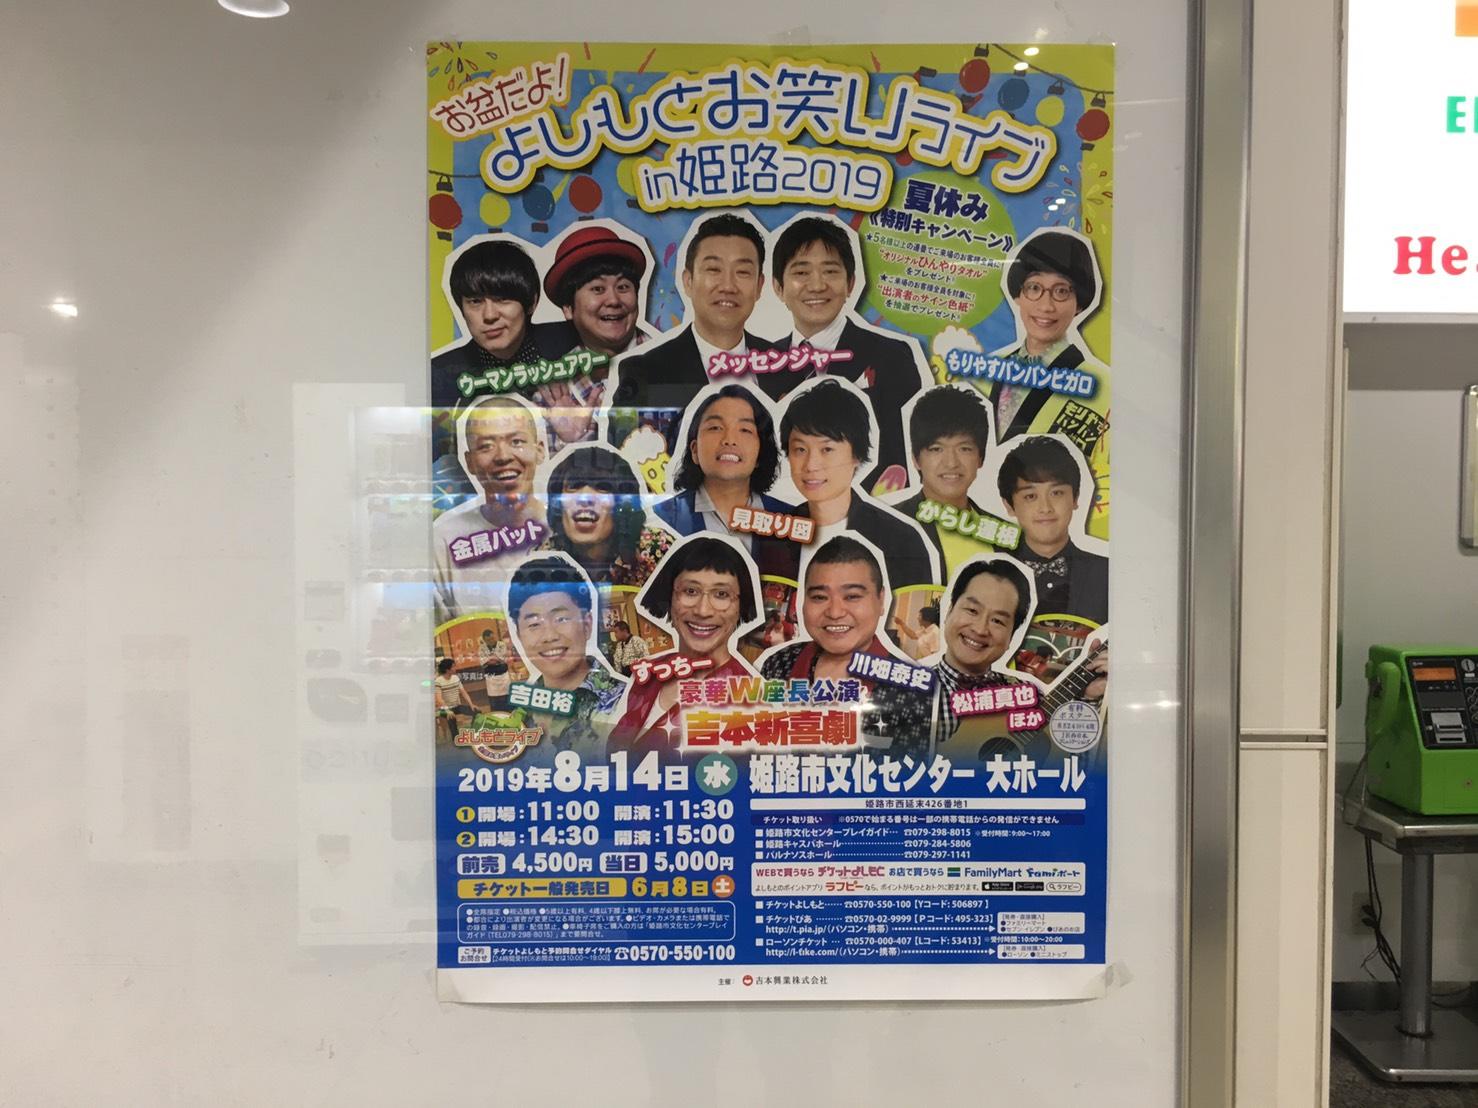 お盆にすっちー、ウーマンラッシュアワー、メッセンジャーほか姫路文化センターにくるみたい!【よしもとお笑いライブin姫路2019】